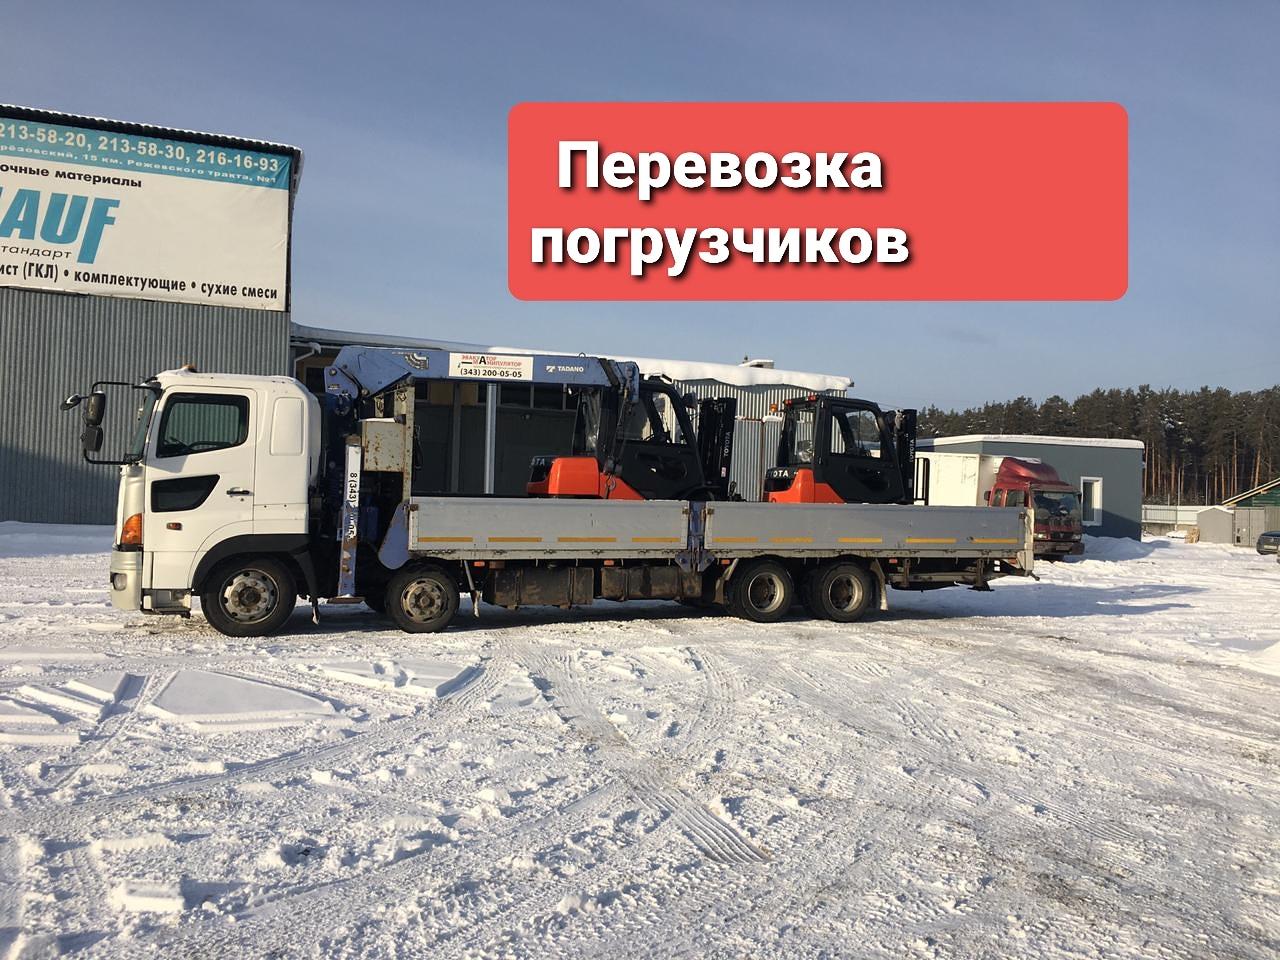 Перевозка погрузчиков до 15 тонн